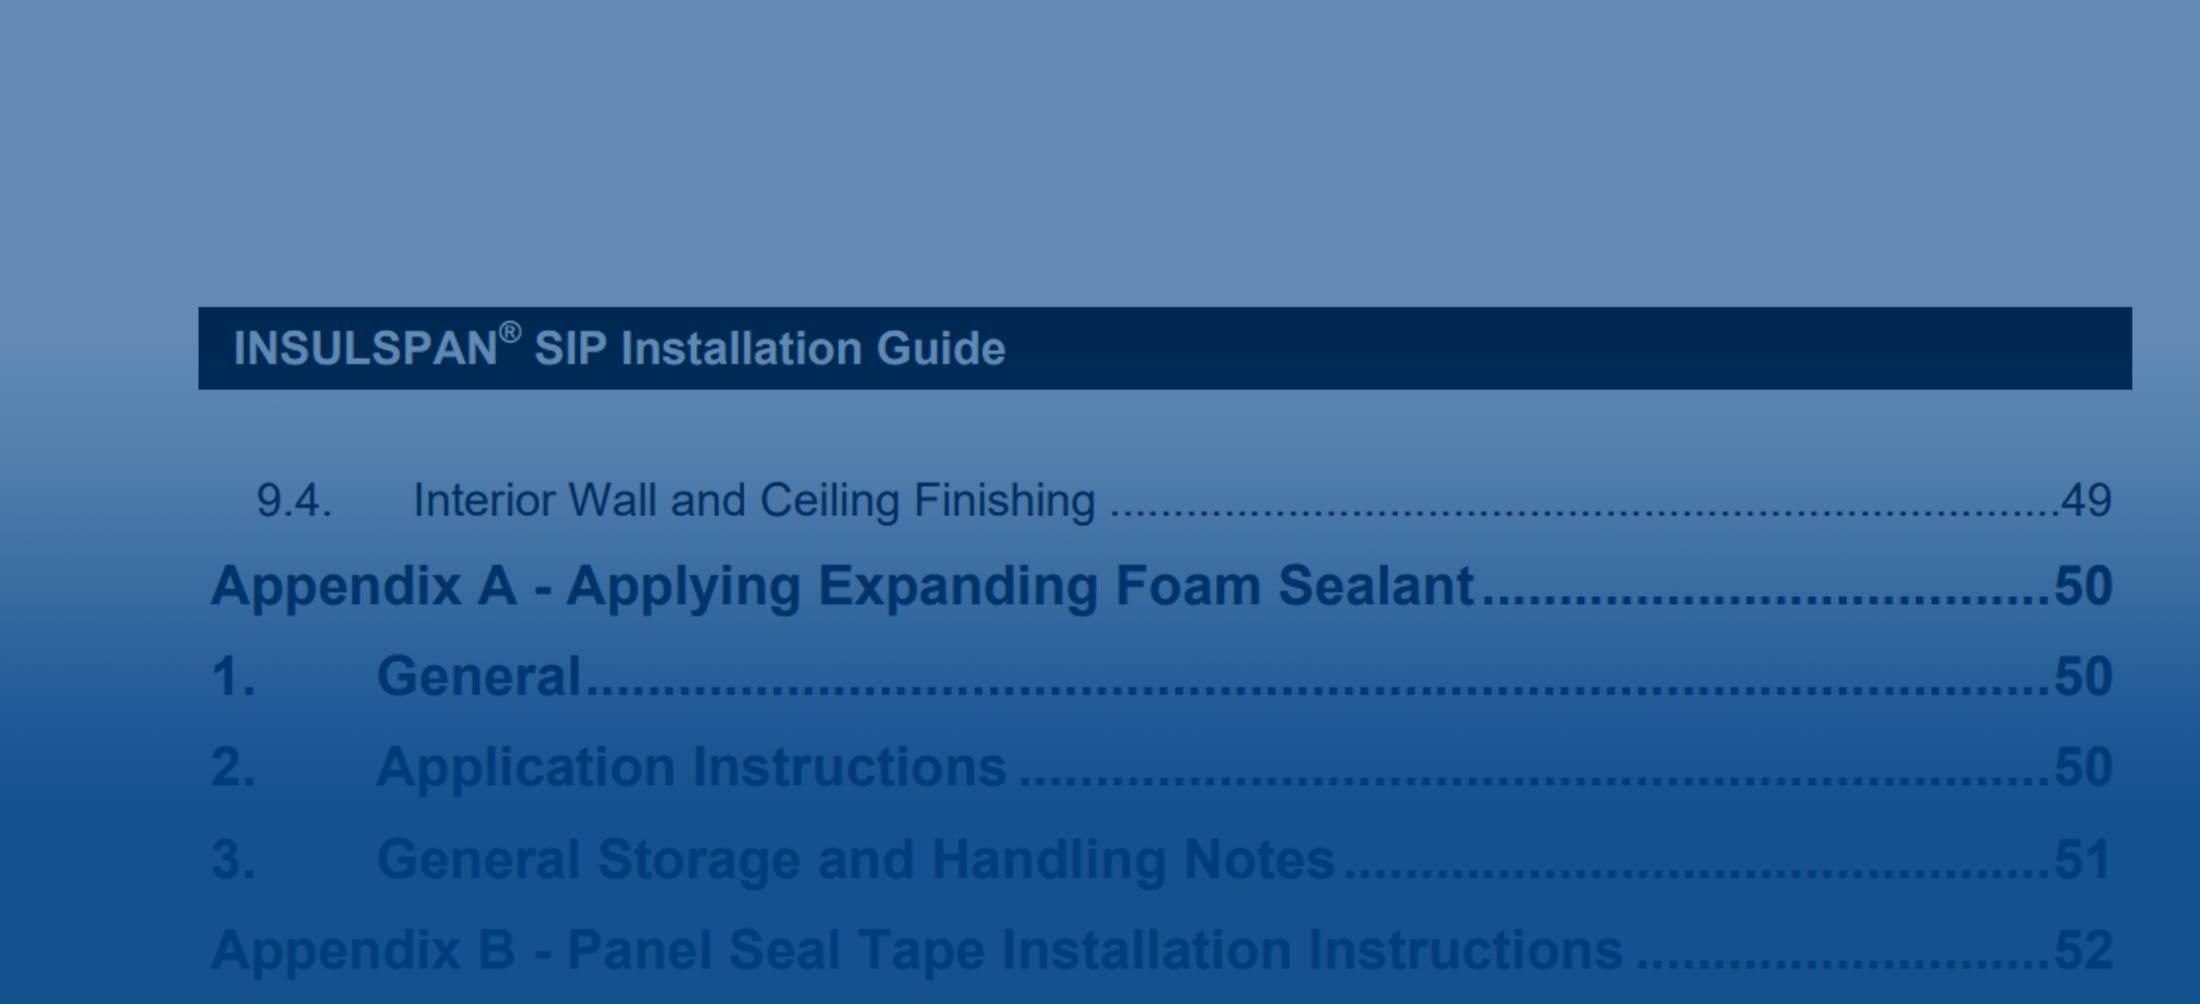 Insulspan Installation Guide